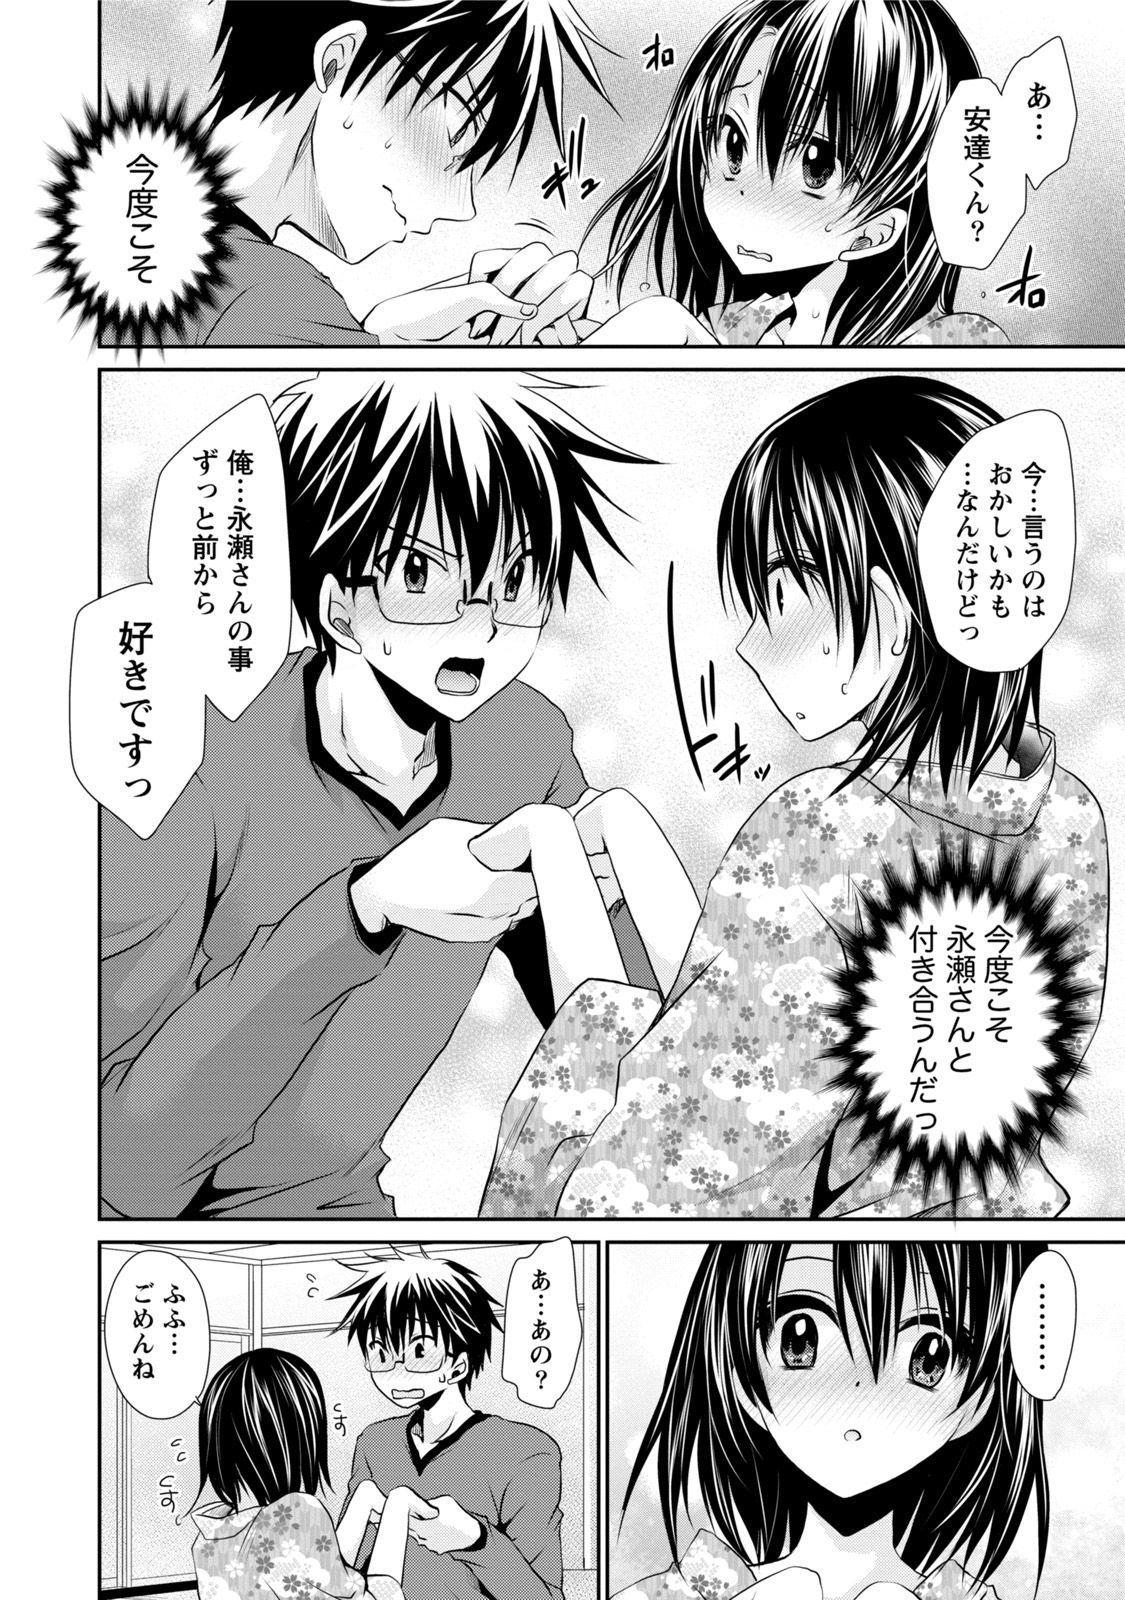 Ore to Kanojo to Owaru Sekai - World's end LoveStory 1 166